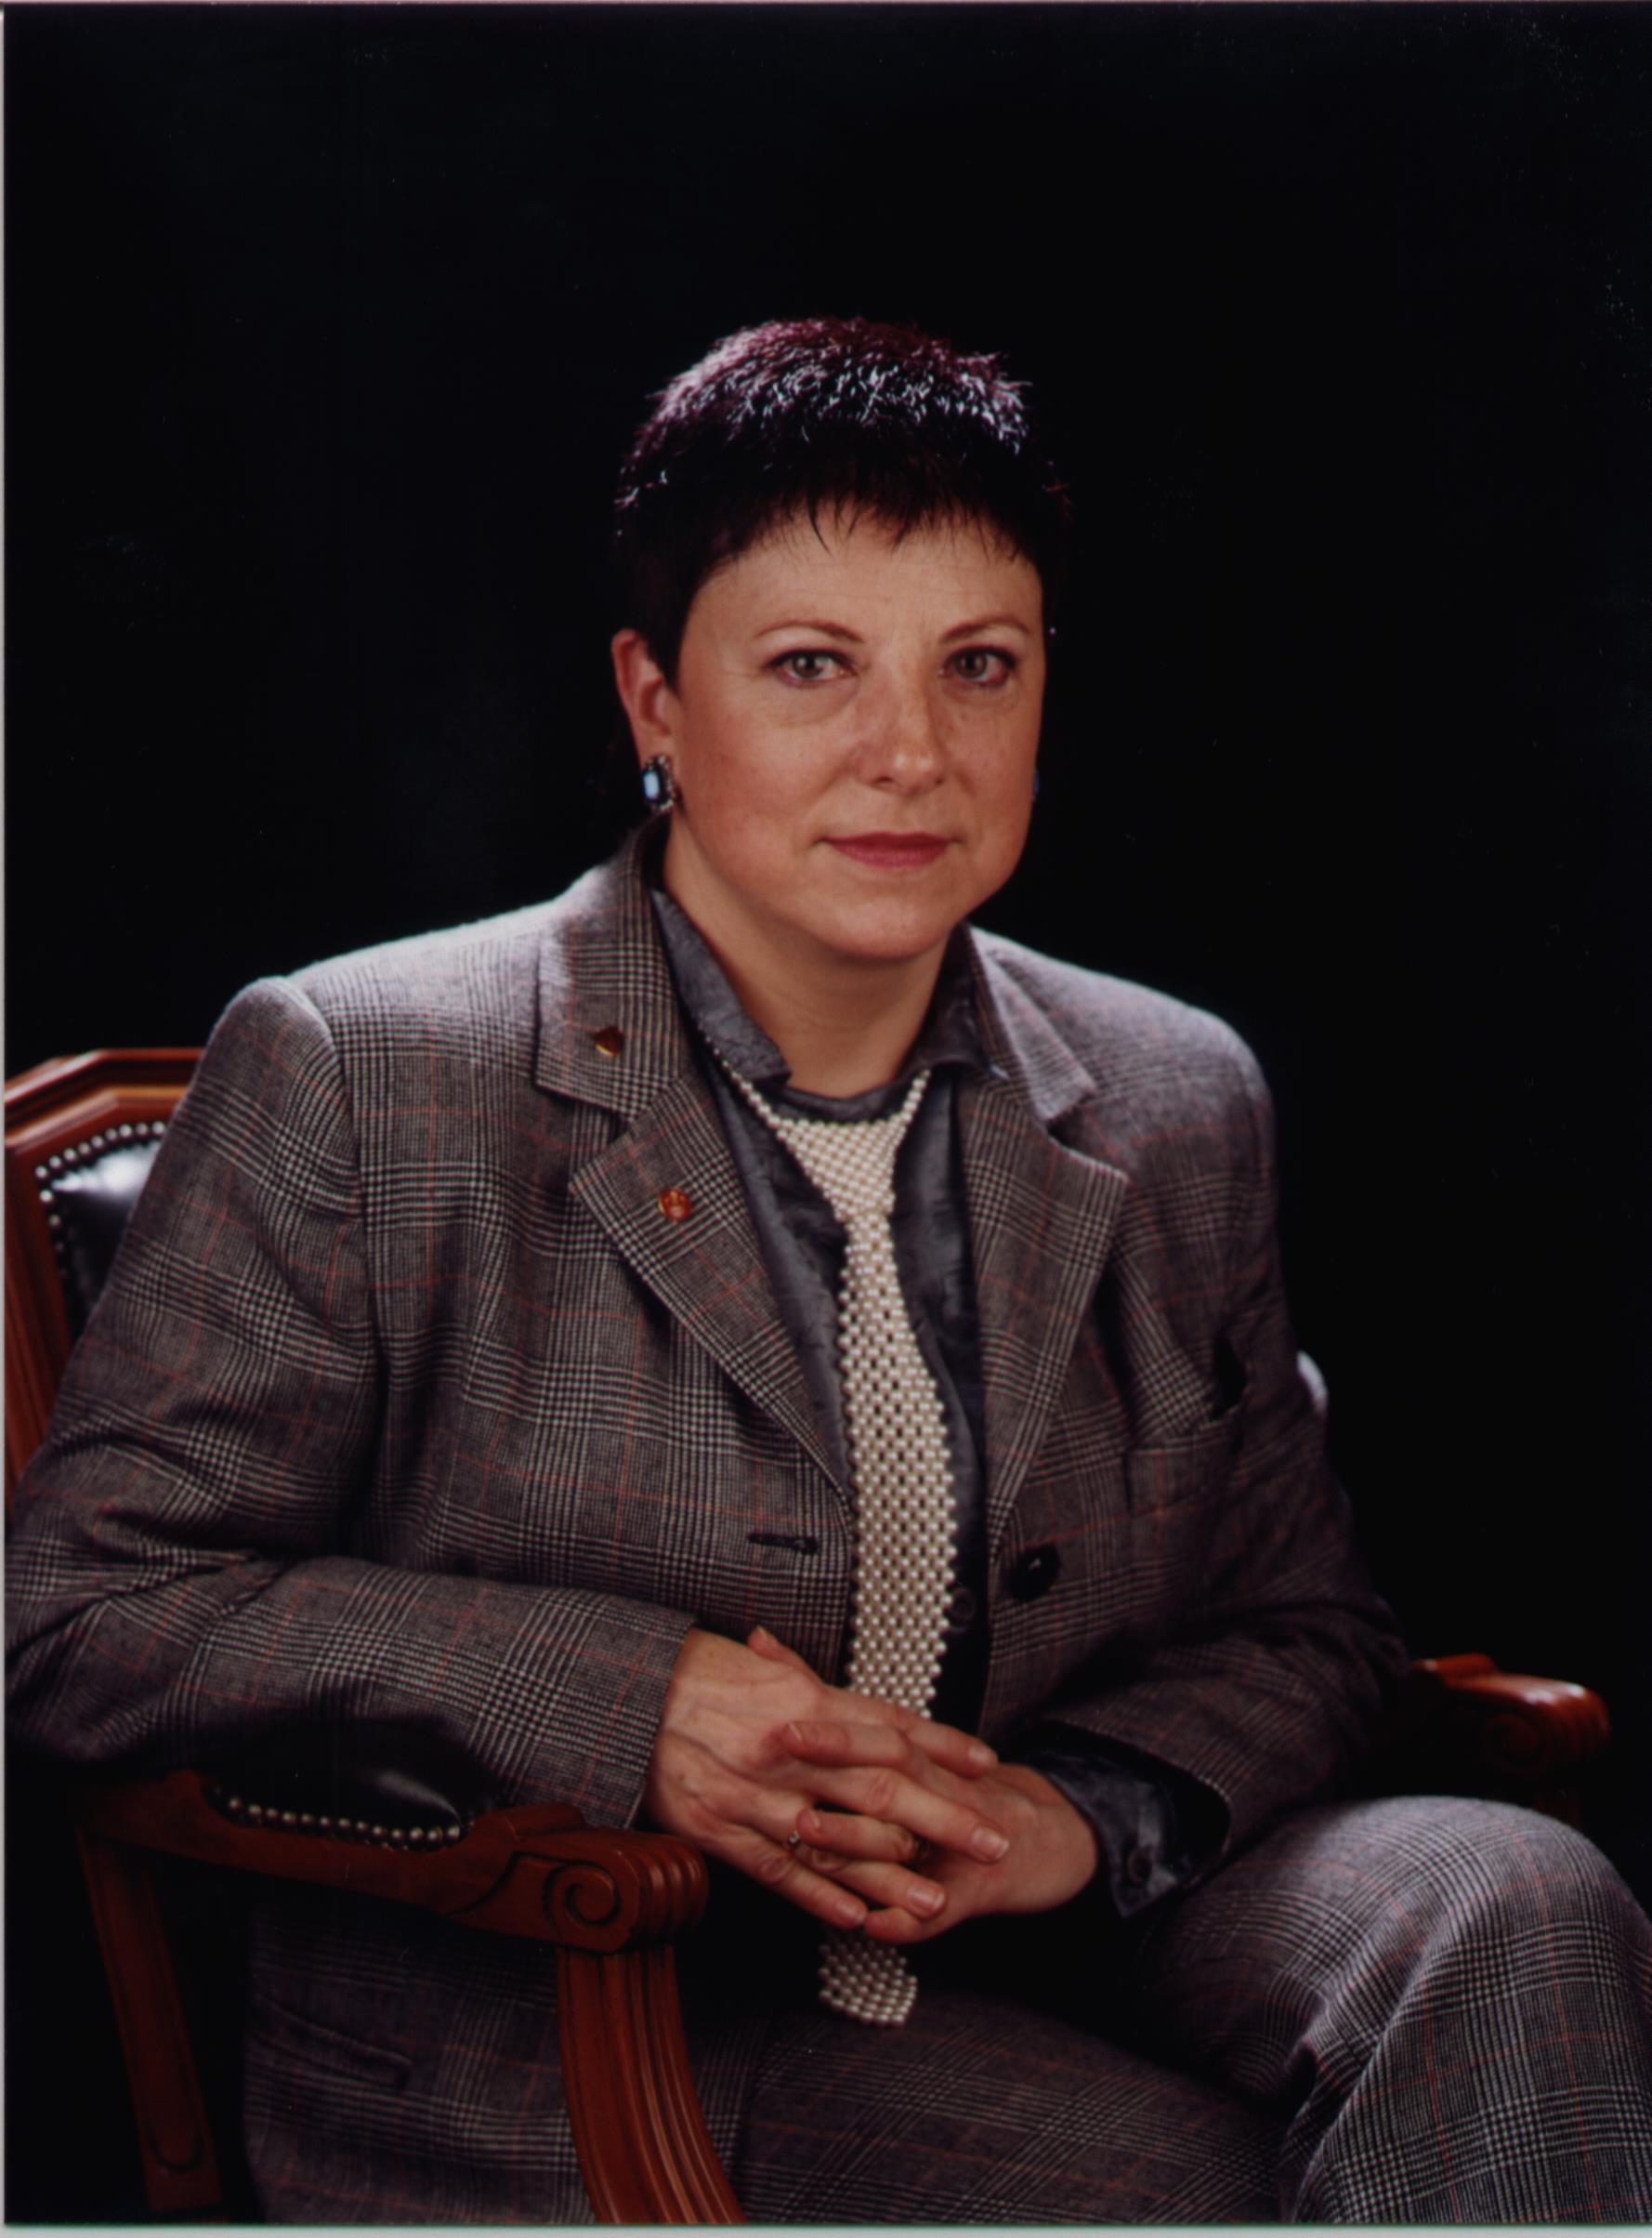 Sra. Carme Bufí